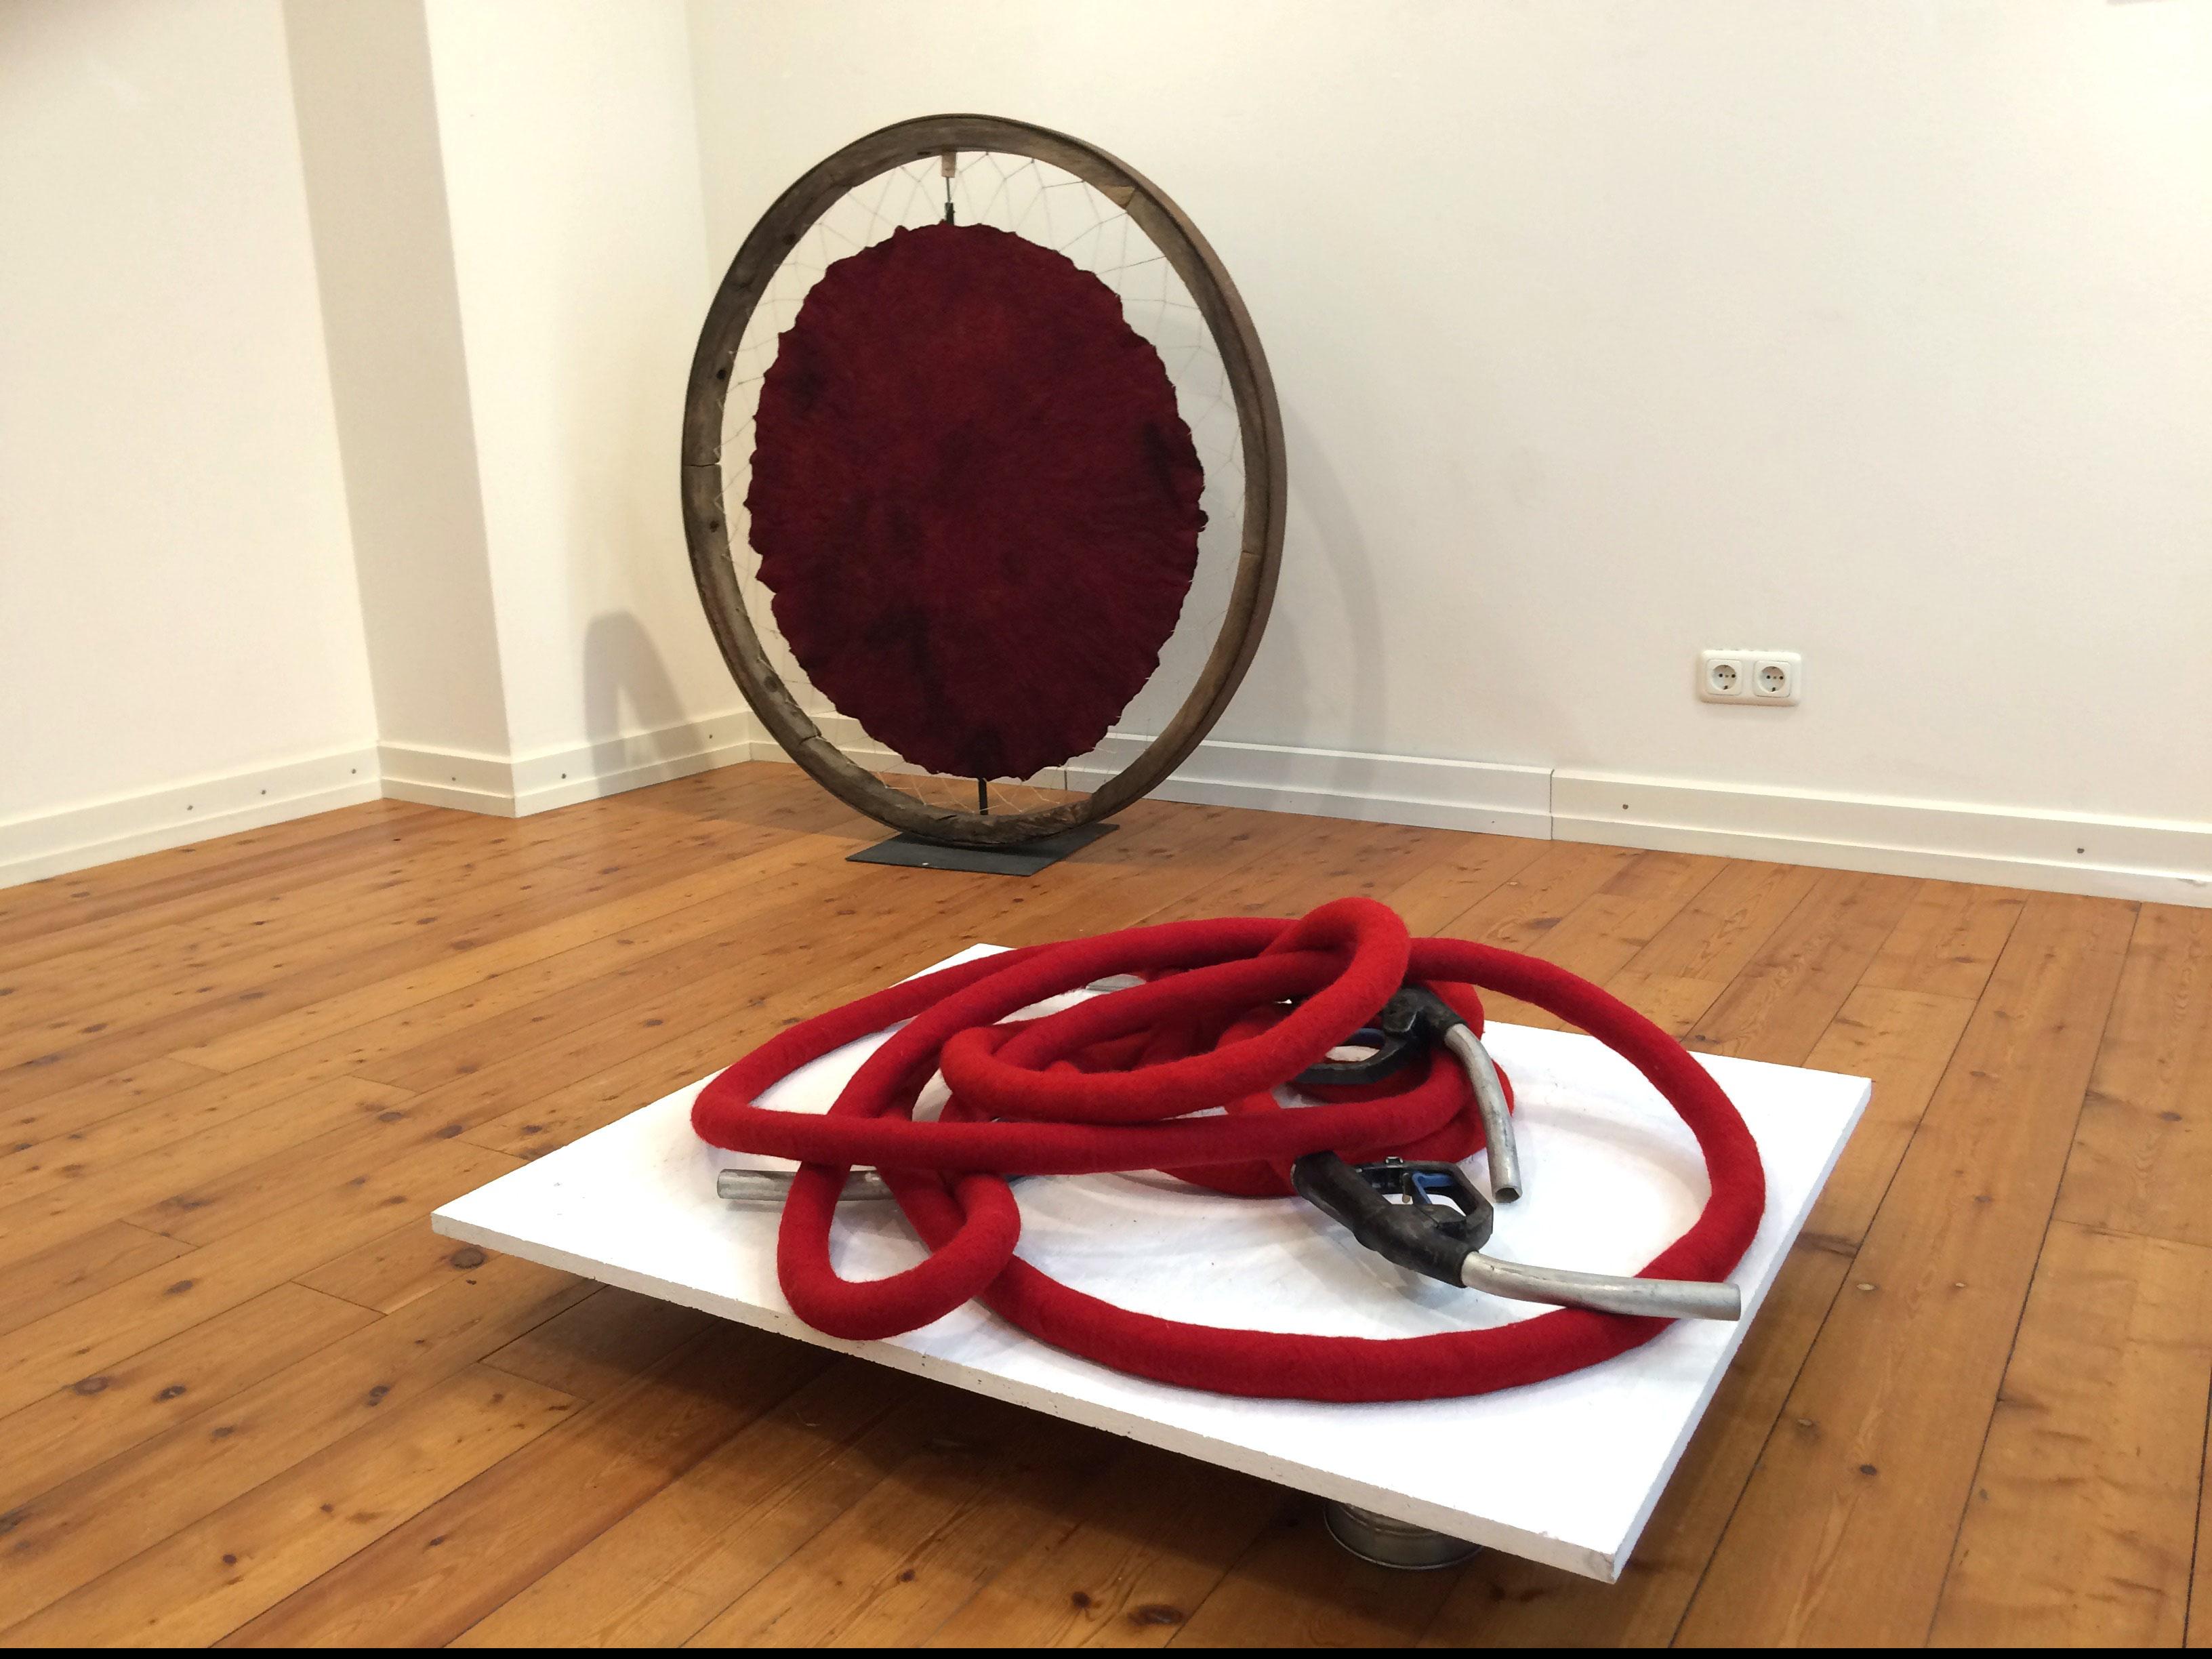 """""""Kraft-Rad"""" und """"Knotenpunkt"""" von Beate Lambrecht, beide Arbeiten handgefilzt aus Wolle. Foto: Manfred Etten"""